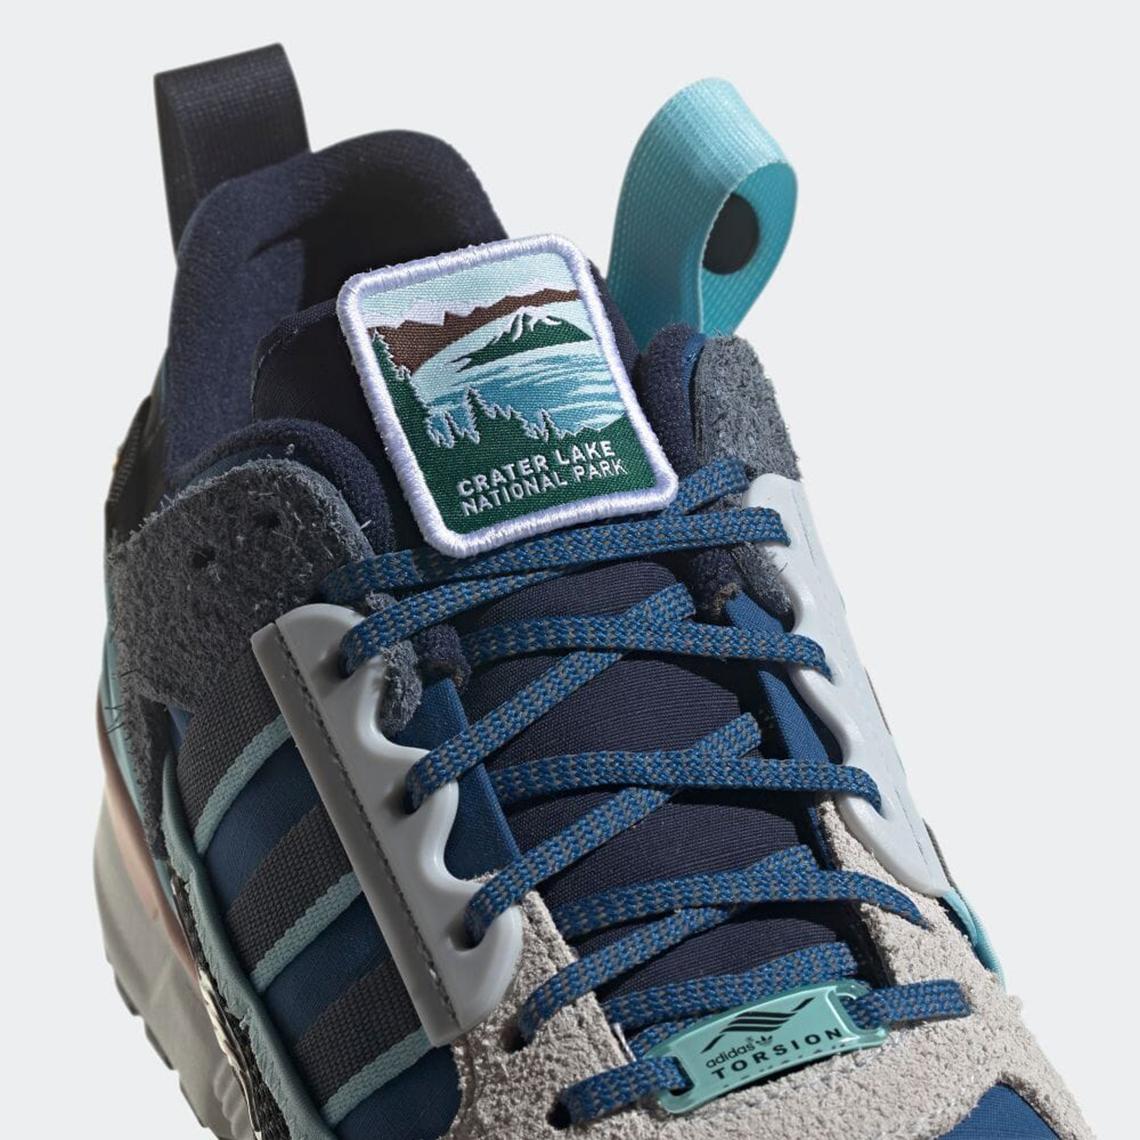 adidas ZX 10.000C Fondation du parc national FY5173 – Crumpe